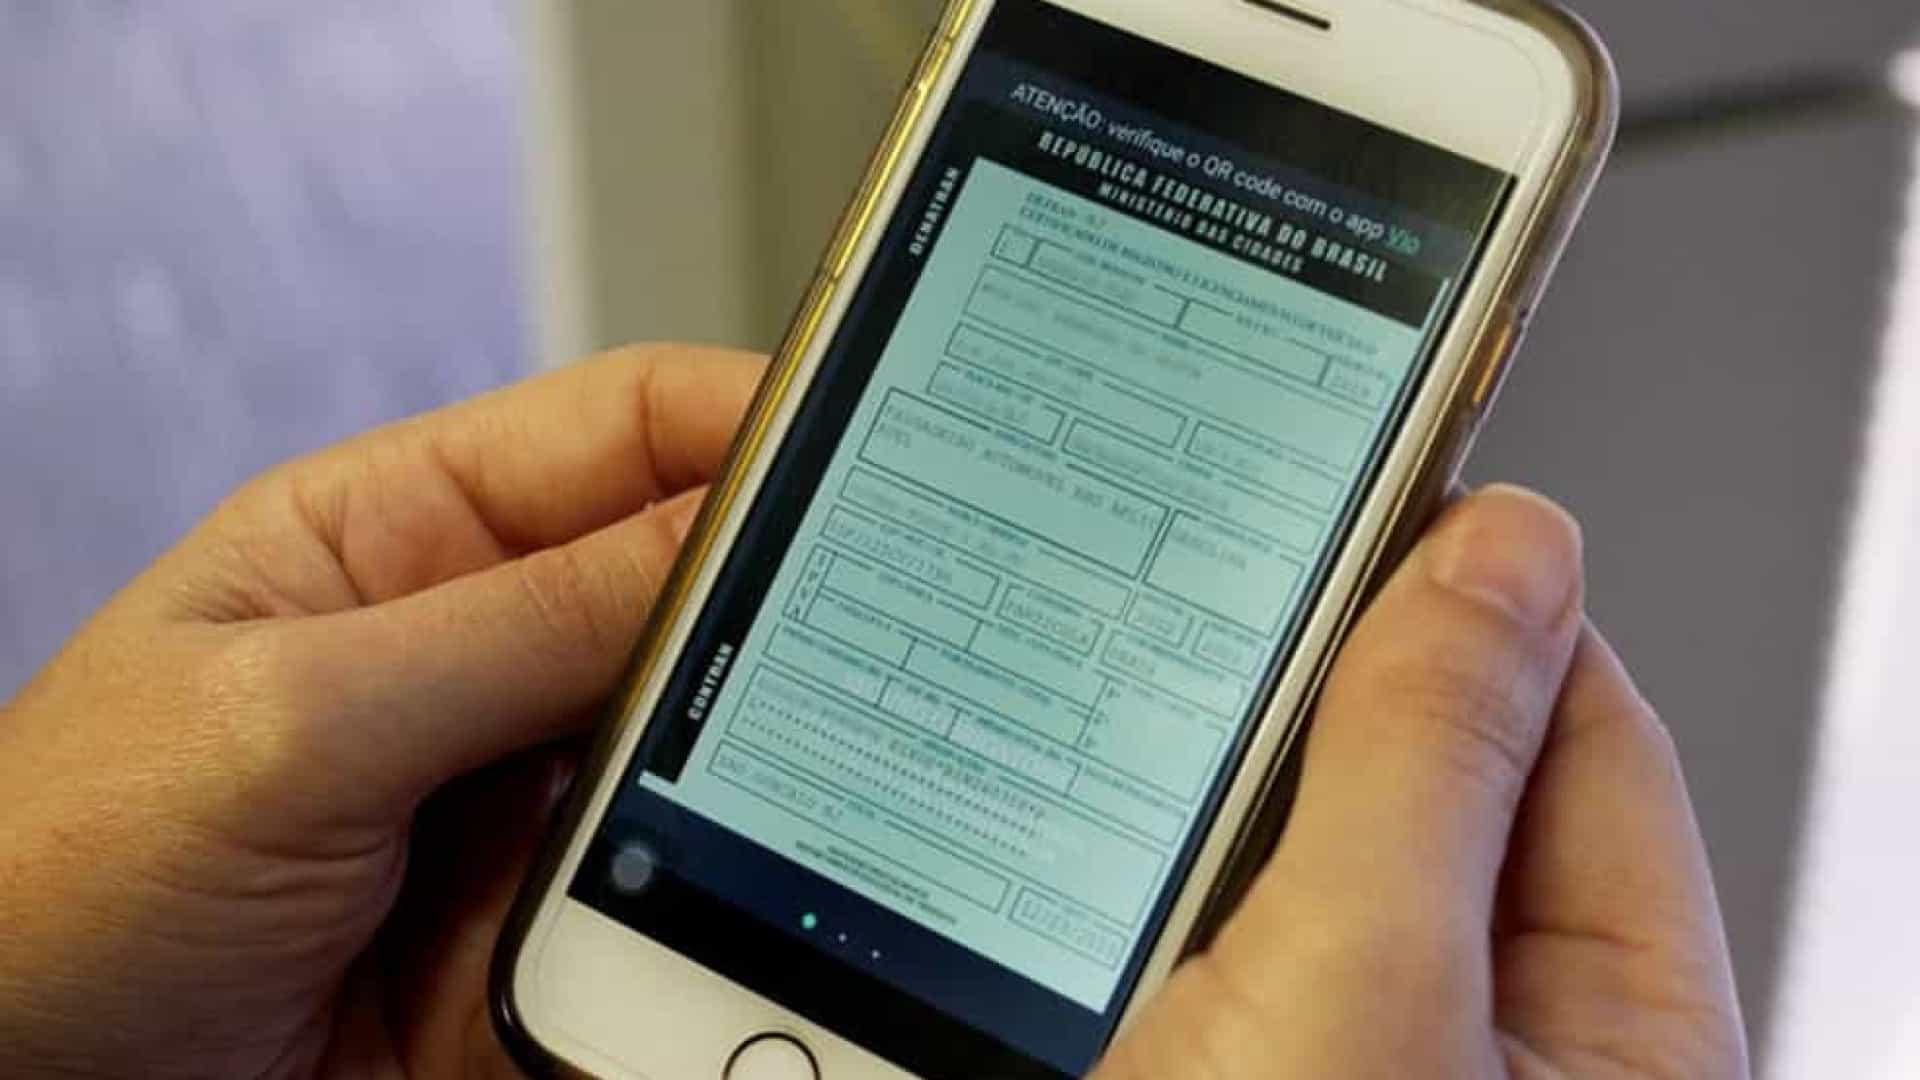 Motorista que divulgar infração gravíssima nas redes sociais poderá perder a CNH